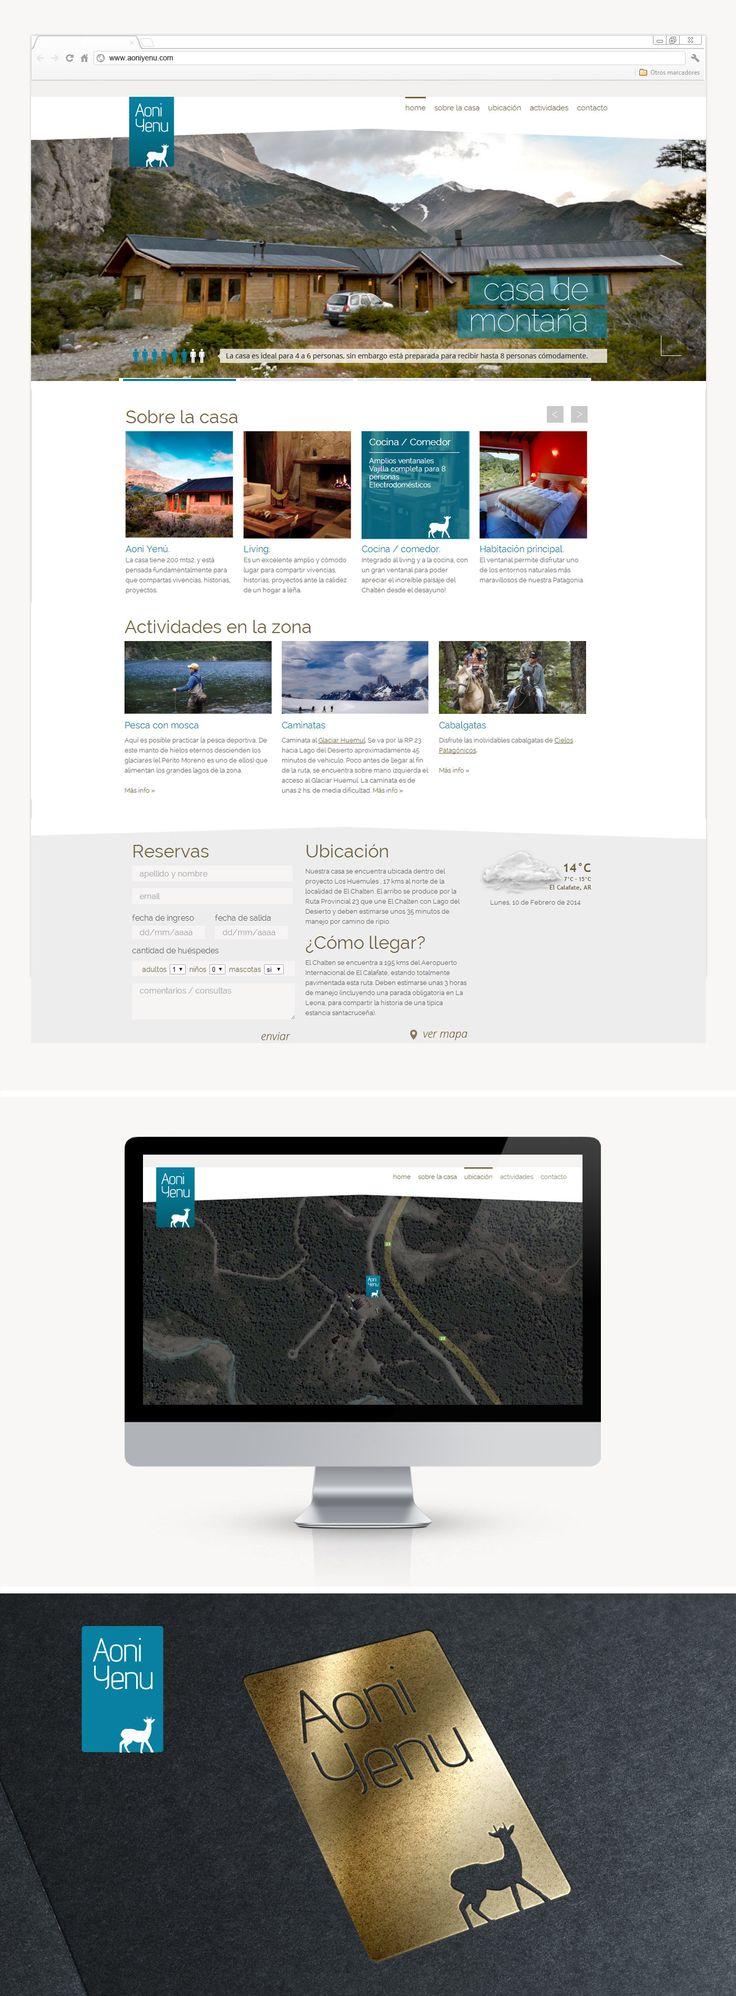 Domo Solutions – diseño y desarrollo WEB